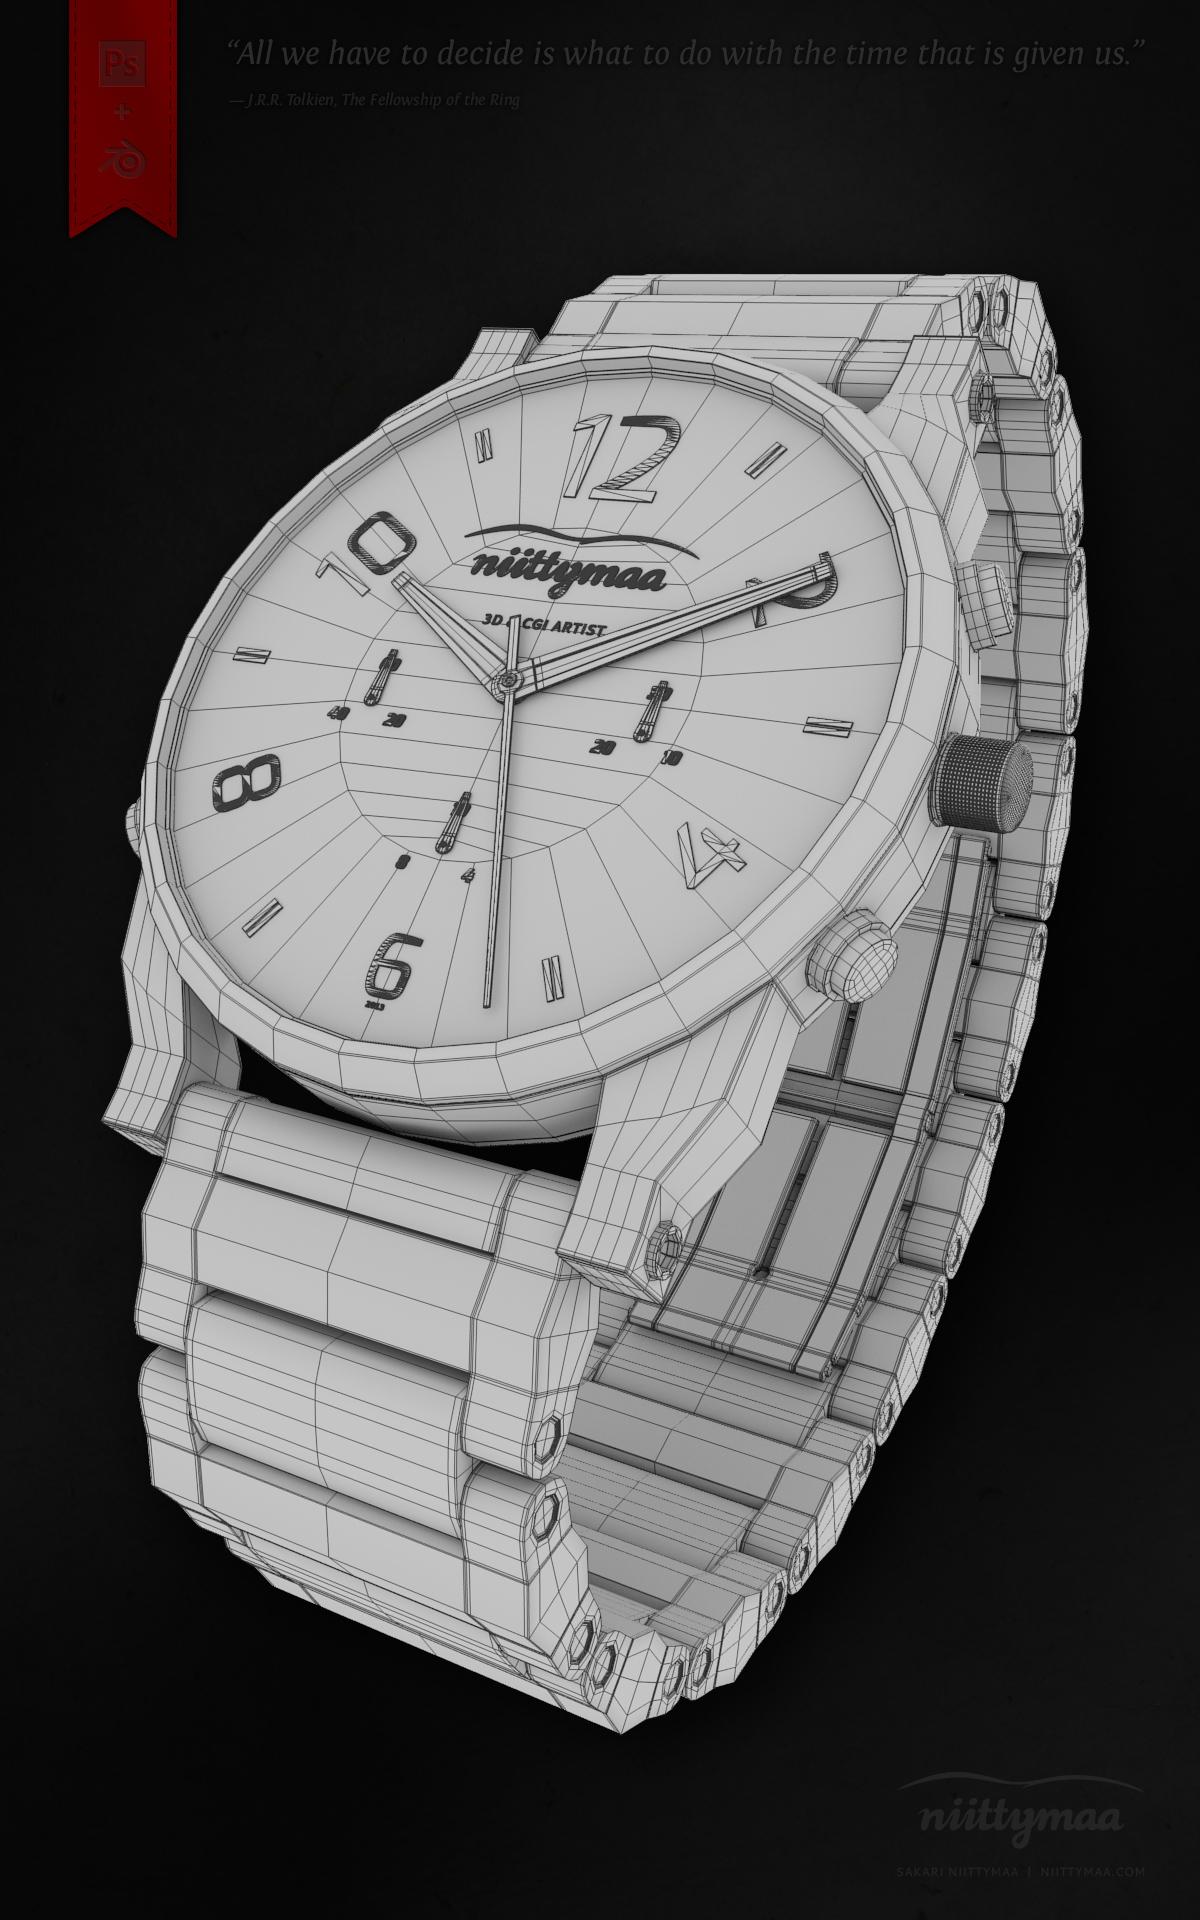 Wristwatch_Final_Wireframe